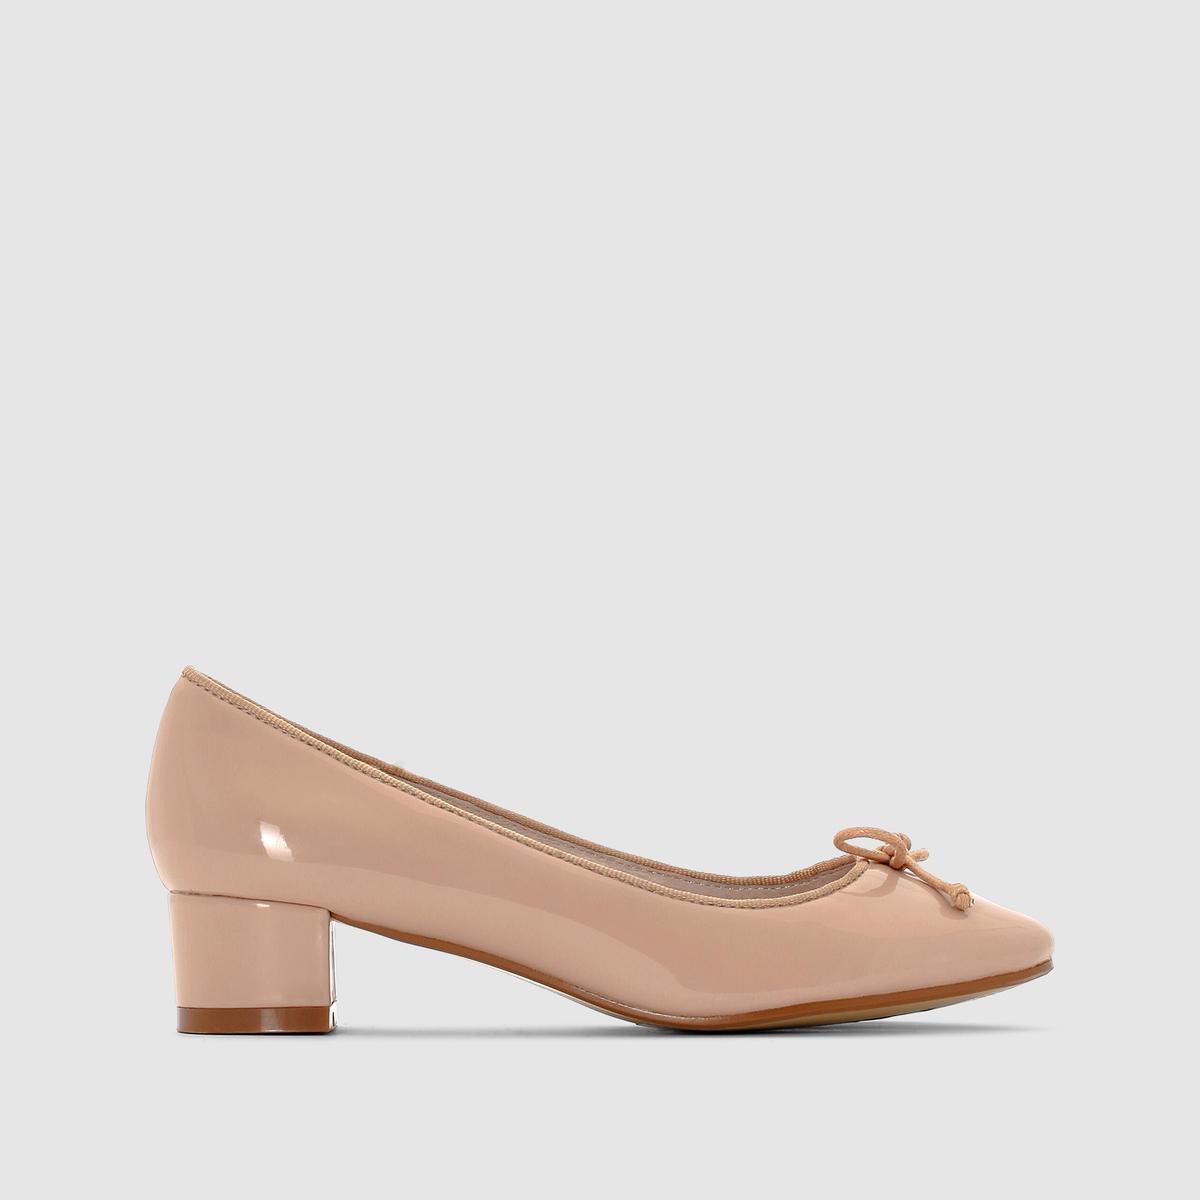 БалеткиБалетки - R EssentielsВерх : синтетика Подкладка : кожа.Стелька : кожа.Подошва : эластомер.Застежка : без застежки. Высота каблука 3,5 смМы советуем выбирать обувь на размер больше, чем ваш обычный размер  .<br><br>Цвет: телесный<br>Размер: 40